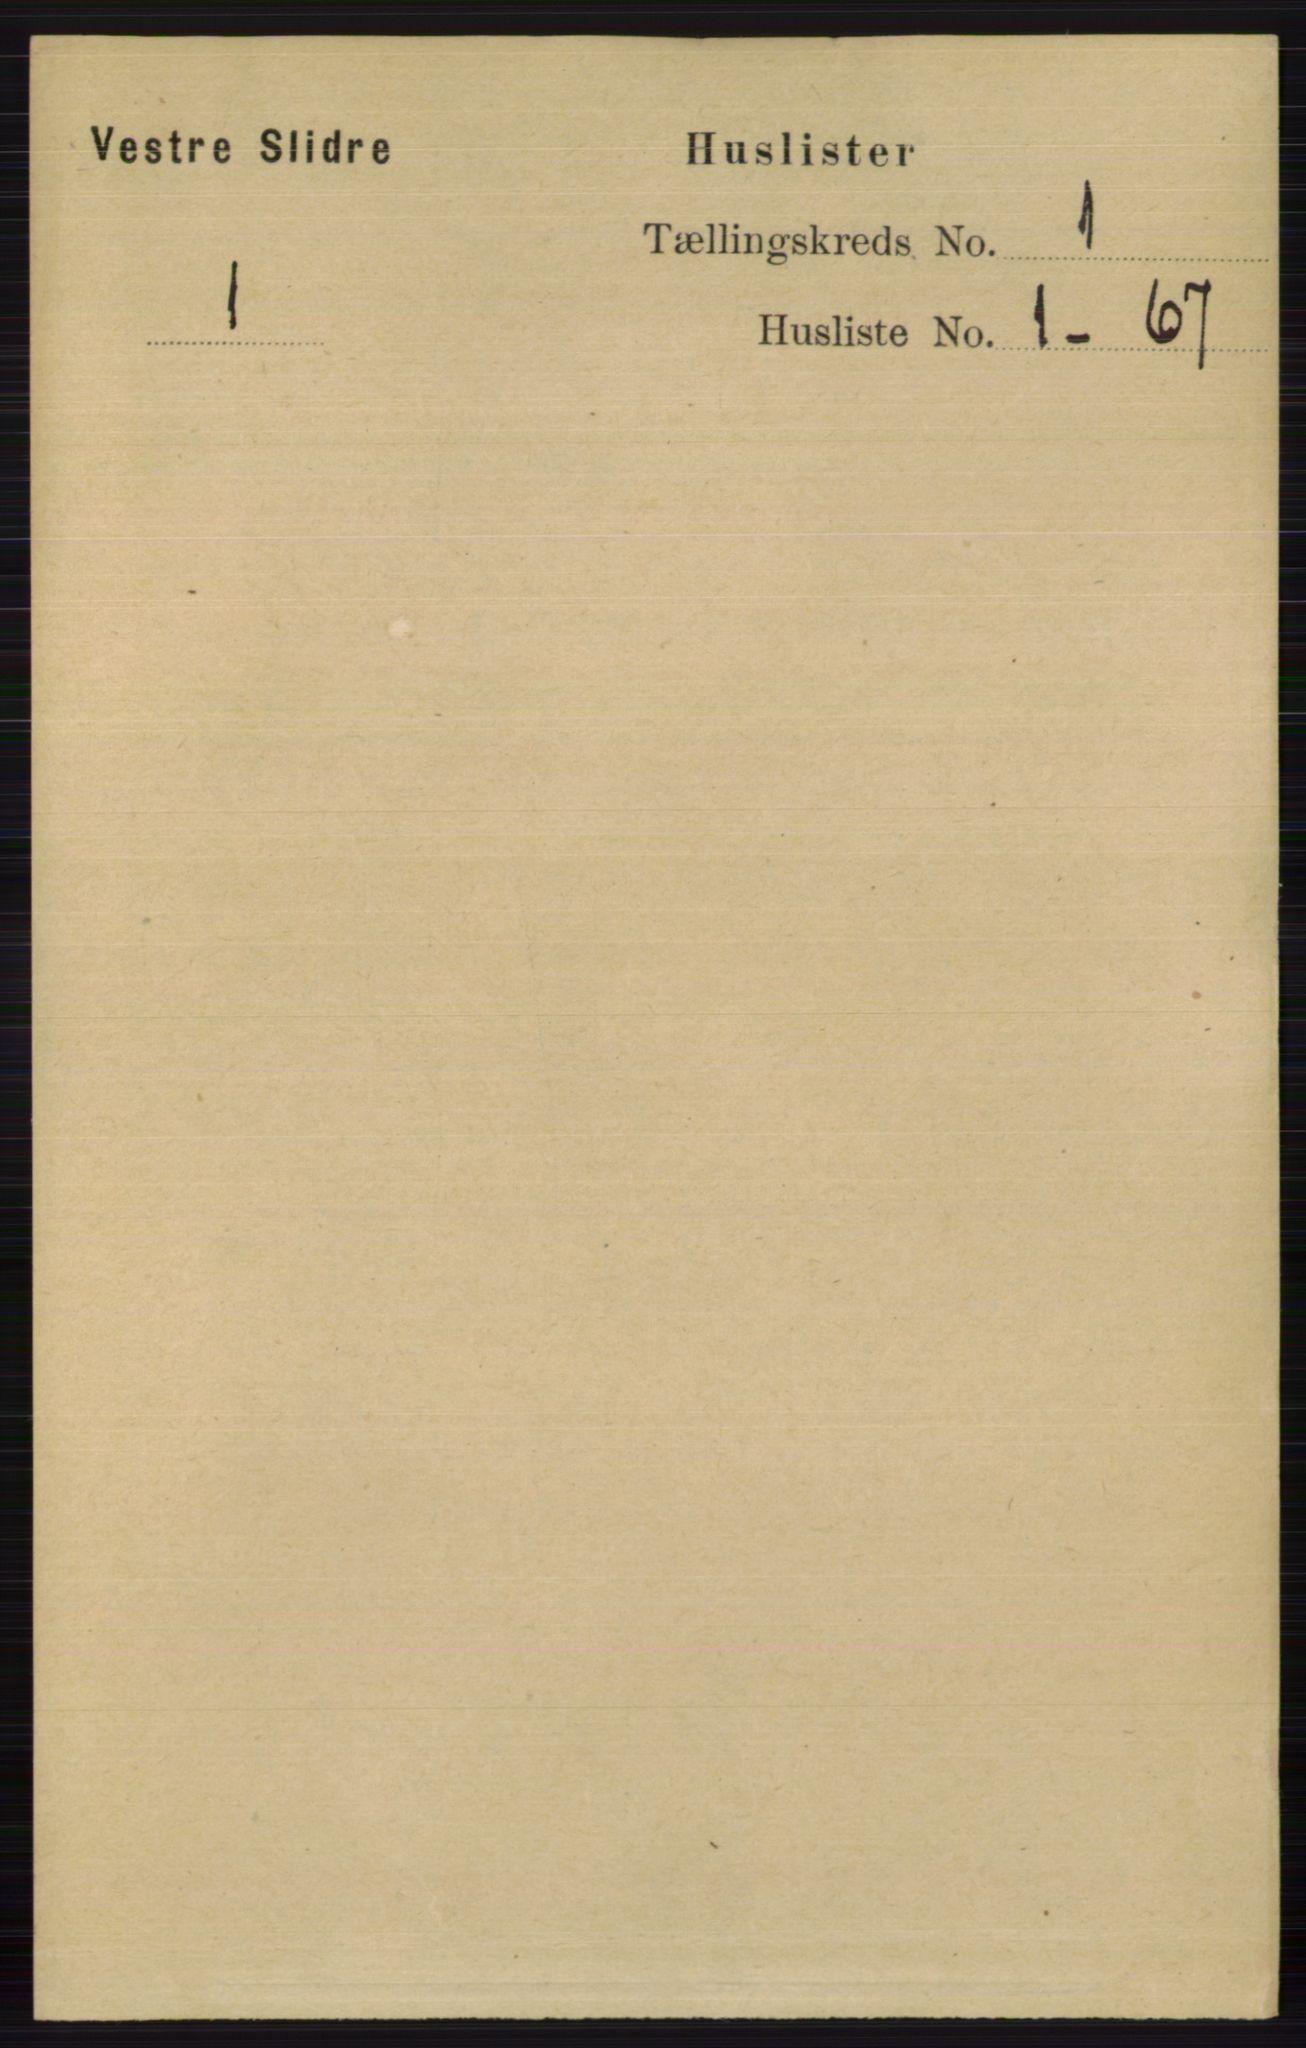 RA, Folketelling 1891 for 0543 Vestre Slidre herred, 1891, s. 28